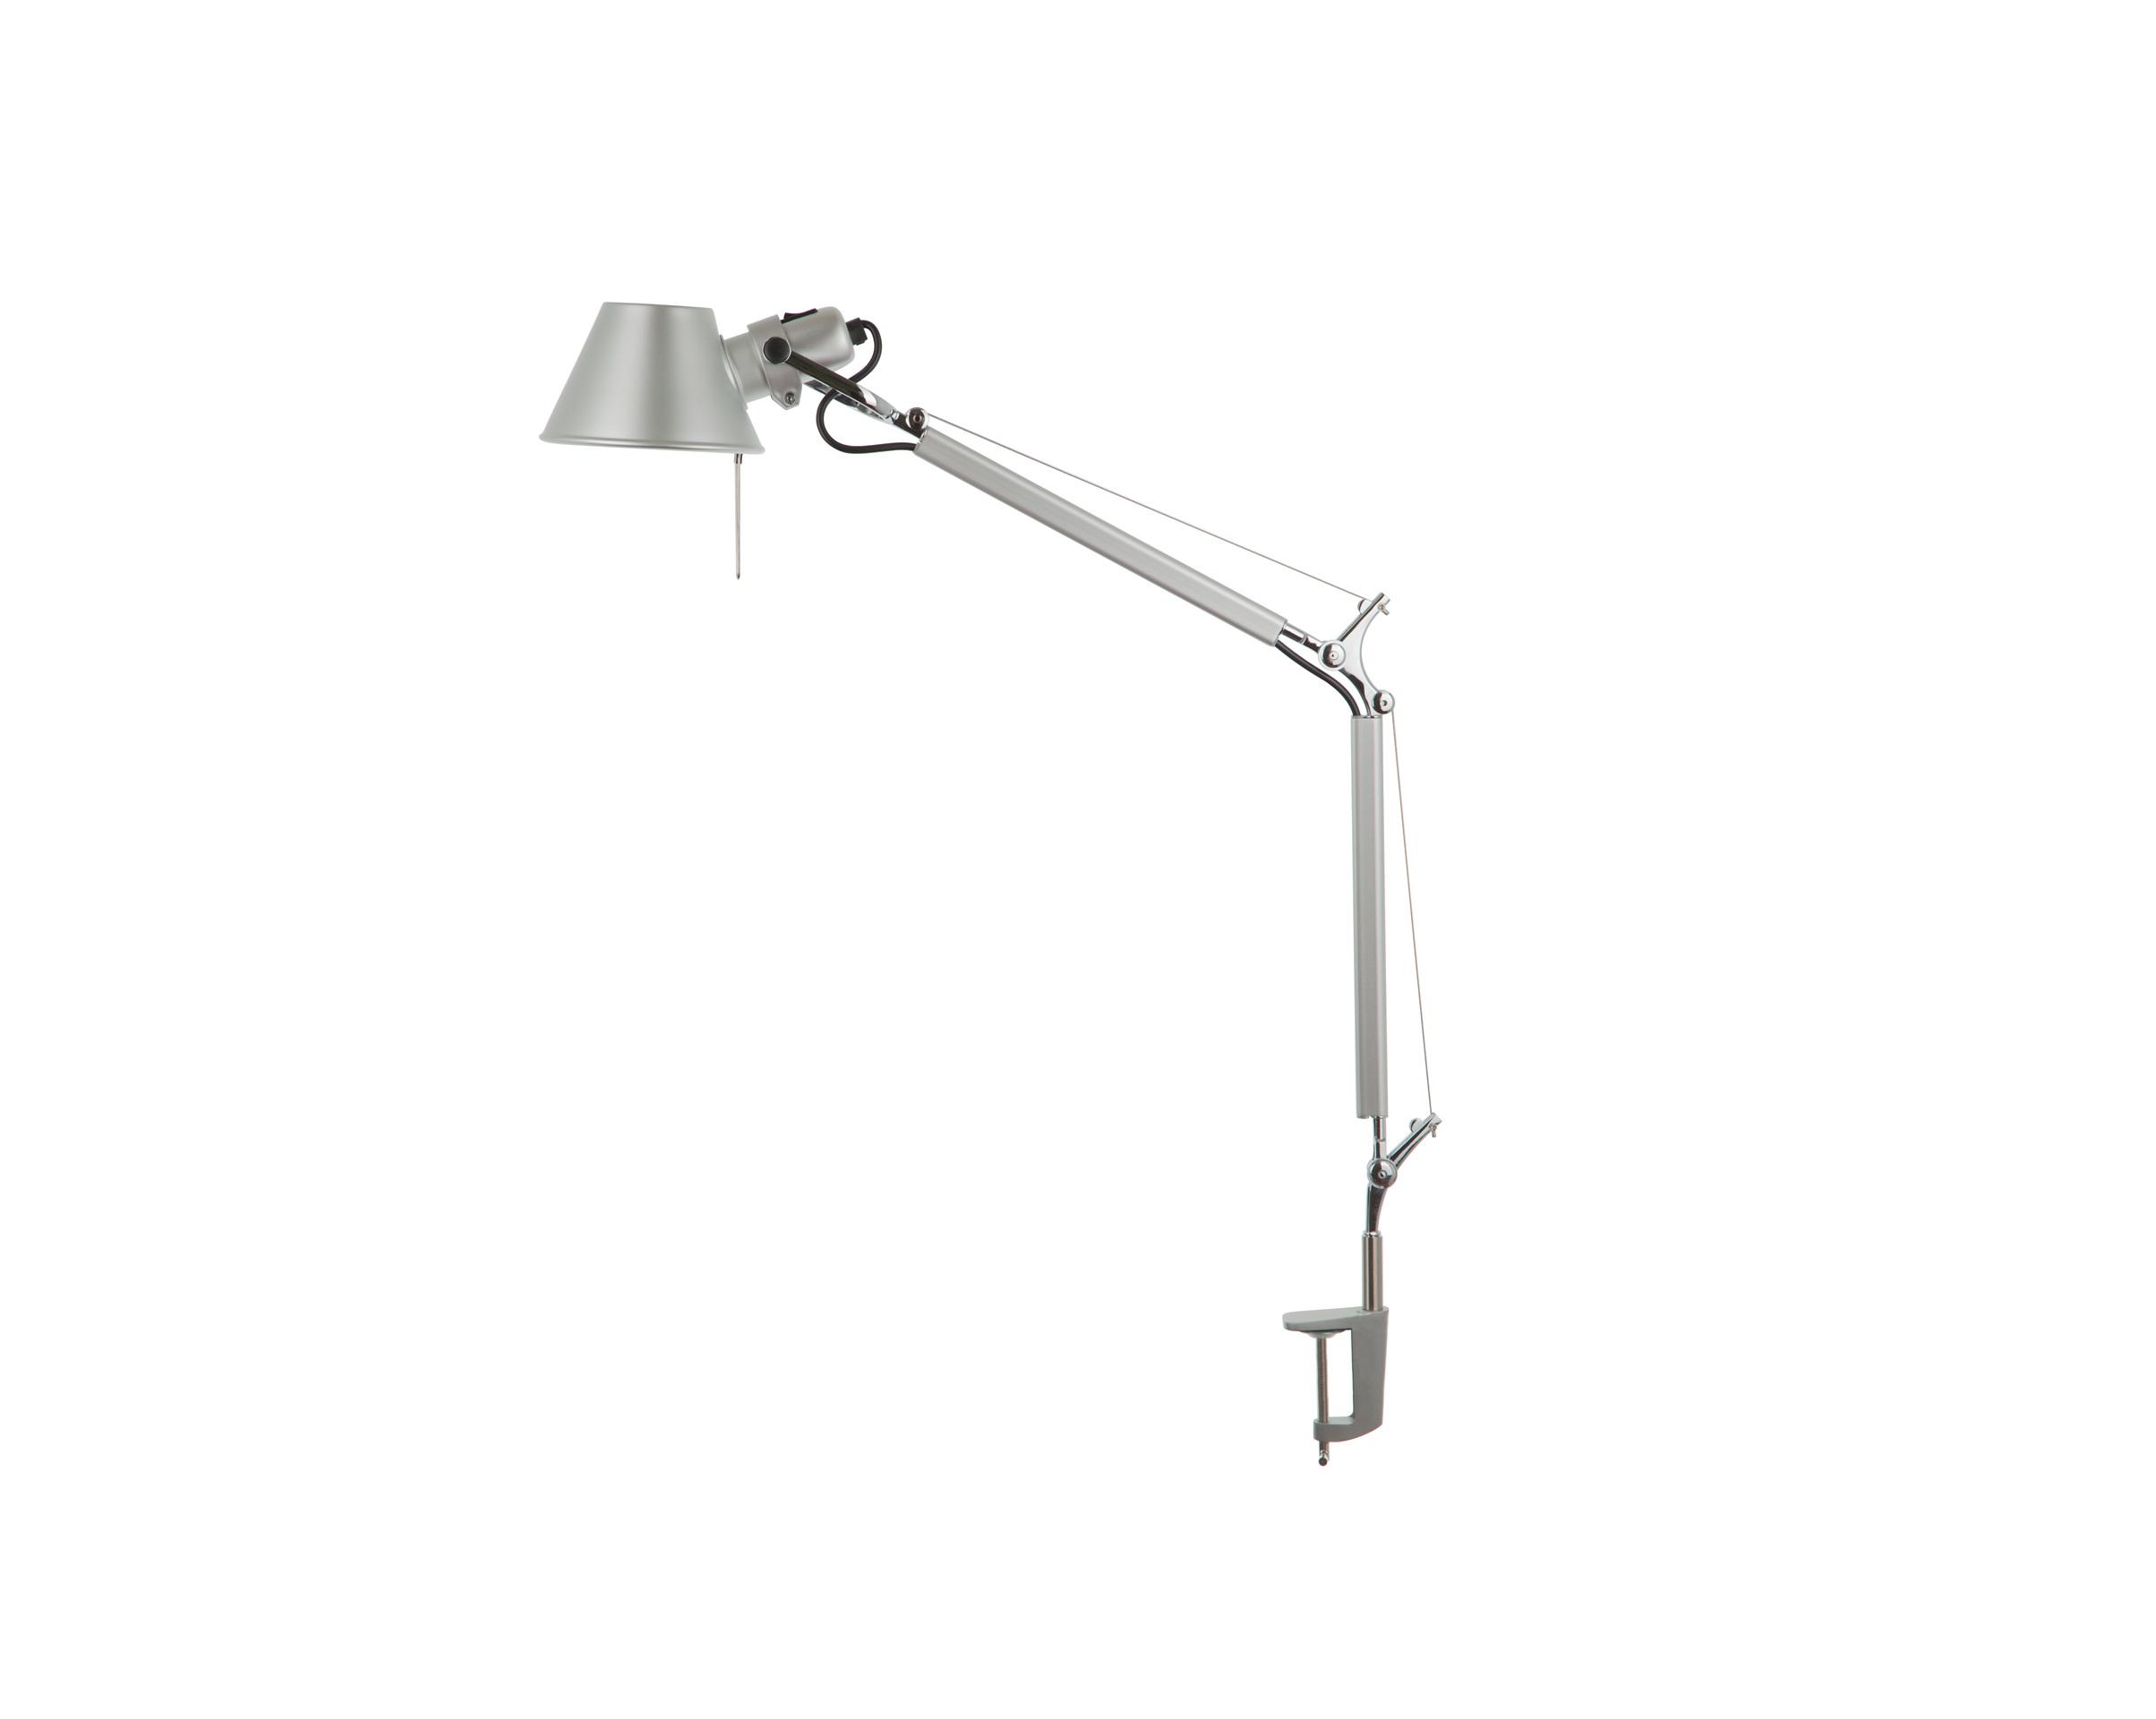 Настольная лампа TolomeoНастольные лампы<br>&amp;quot;Tolomeo&amp;quot; ? великолепный пример объединения модерна и функционала, уже почти 30 лет не выходящего из моды. Настольная лампа, созданная в 1980-х годах Giancarlo Fassina и Michele De Lucchi, и по сей день не теряет своей актуальности. Минималистичный силуэт, трансформирующаяся конструкция и современные материалы дарят ей урбанистичный облик, который способен идеально вписаться в скандинавские интерьеры.&amp;lt;div&amp;gt;&amp;lt;br&amp;gt;&amp;lt;/div&amp;gt;&amp;lt;div&amp;gt;Металлическое основание, один металлический плафон.&amp;lt;/div&amp;gt;&amp;lt;div&amp;gt;Крепление - струбцина.&amp;lt;/div&amp;gt;&amp;lt;div&amp;gt;Цвет хром (алюминий).&amp;lt;/div&amp;gt;&amp;lt;div&amp;gt;Размер 62 см х 51 см.&amp;lt;/div&amp;gt;&amp;lt;div&amp;gt;Диаметр плафона 14,8 см.&amp;lt;/div&amp;gt;&amp;lt;div&amp;gt;Патрон E27, мощность max 1*100W.&amp;lt;/div&amp;gt;&amp;lt;div&amp;gt;Вес 1.6 кг.&amp;lt;/div&amp;gt;<br><br>Material: Металл<br>Length см: 62<br>Height см: None<br>Diameter см: 14,8